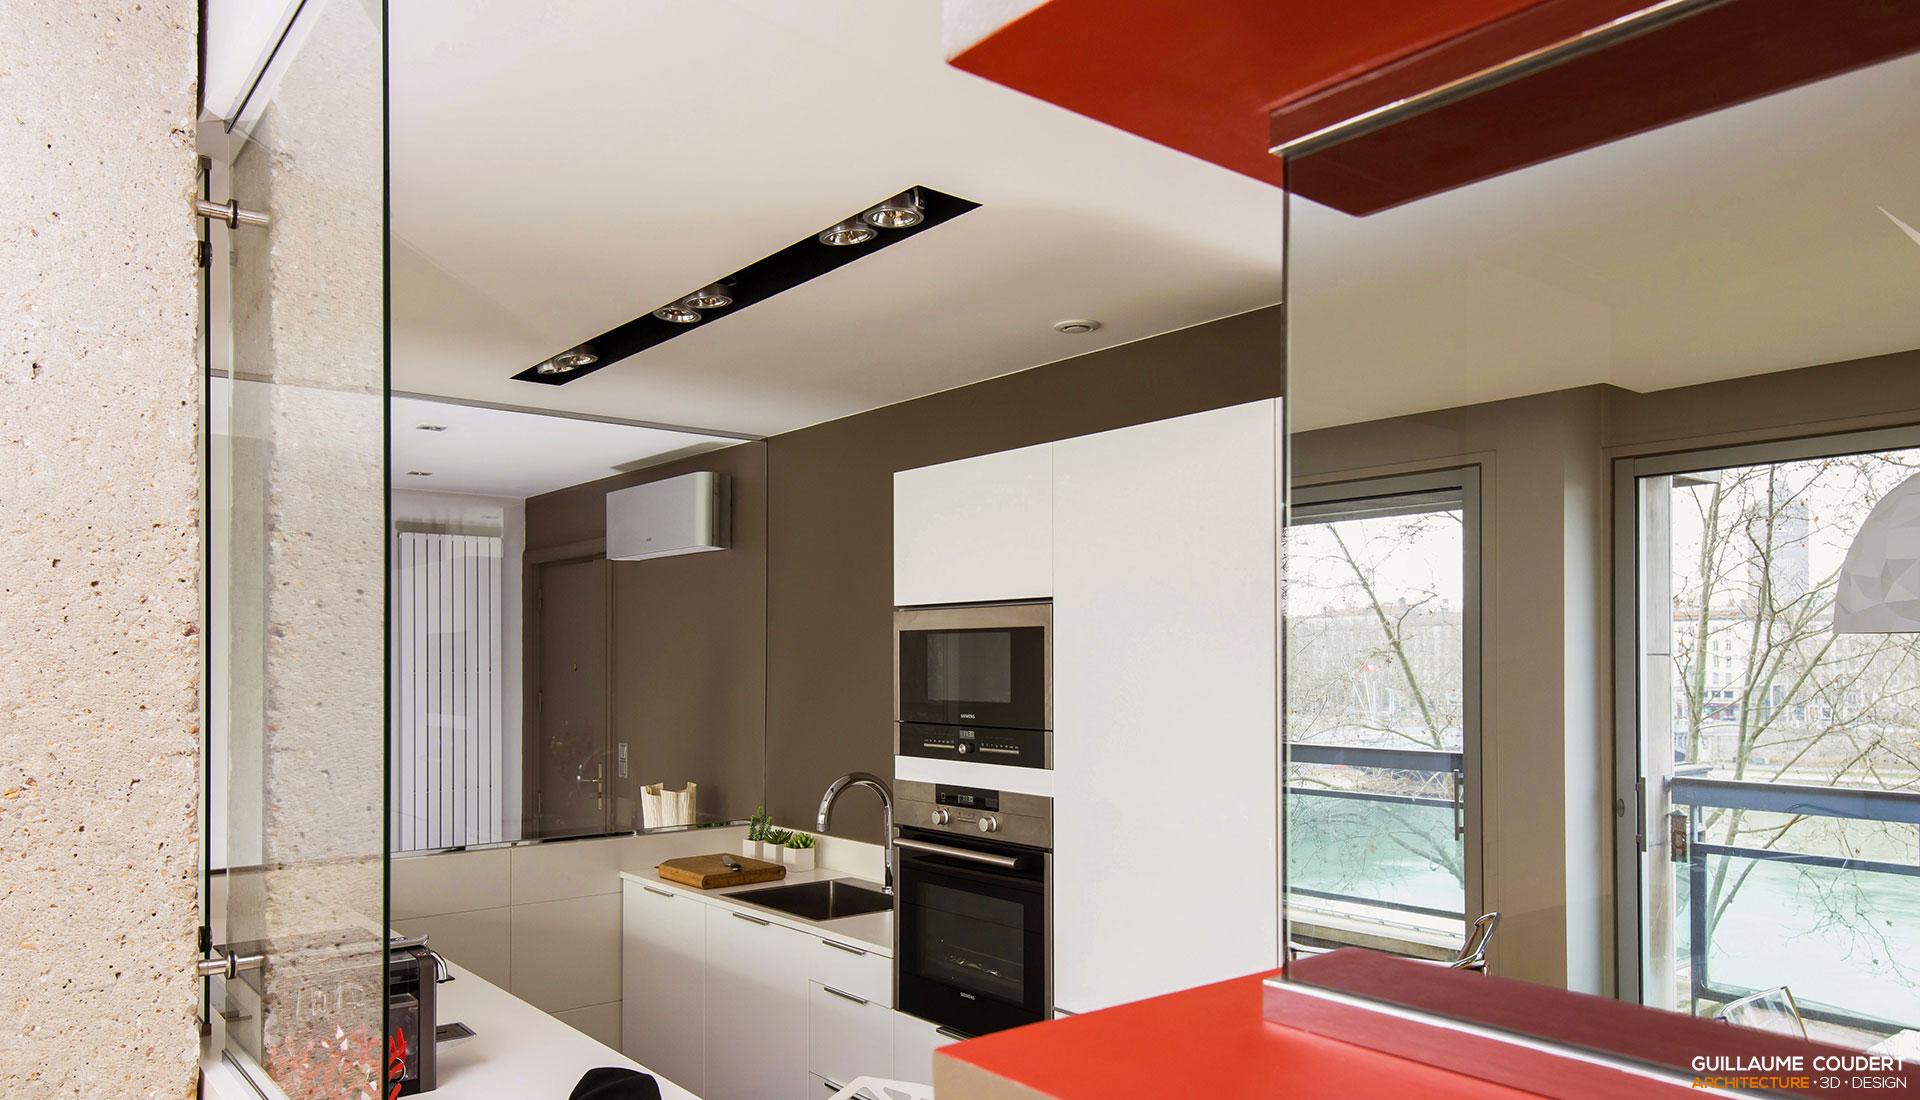 Guillaume coudert architecture d 39 int rieur architecture for Appartement design lyon